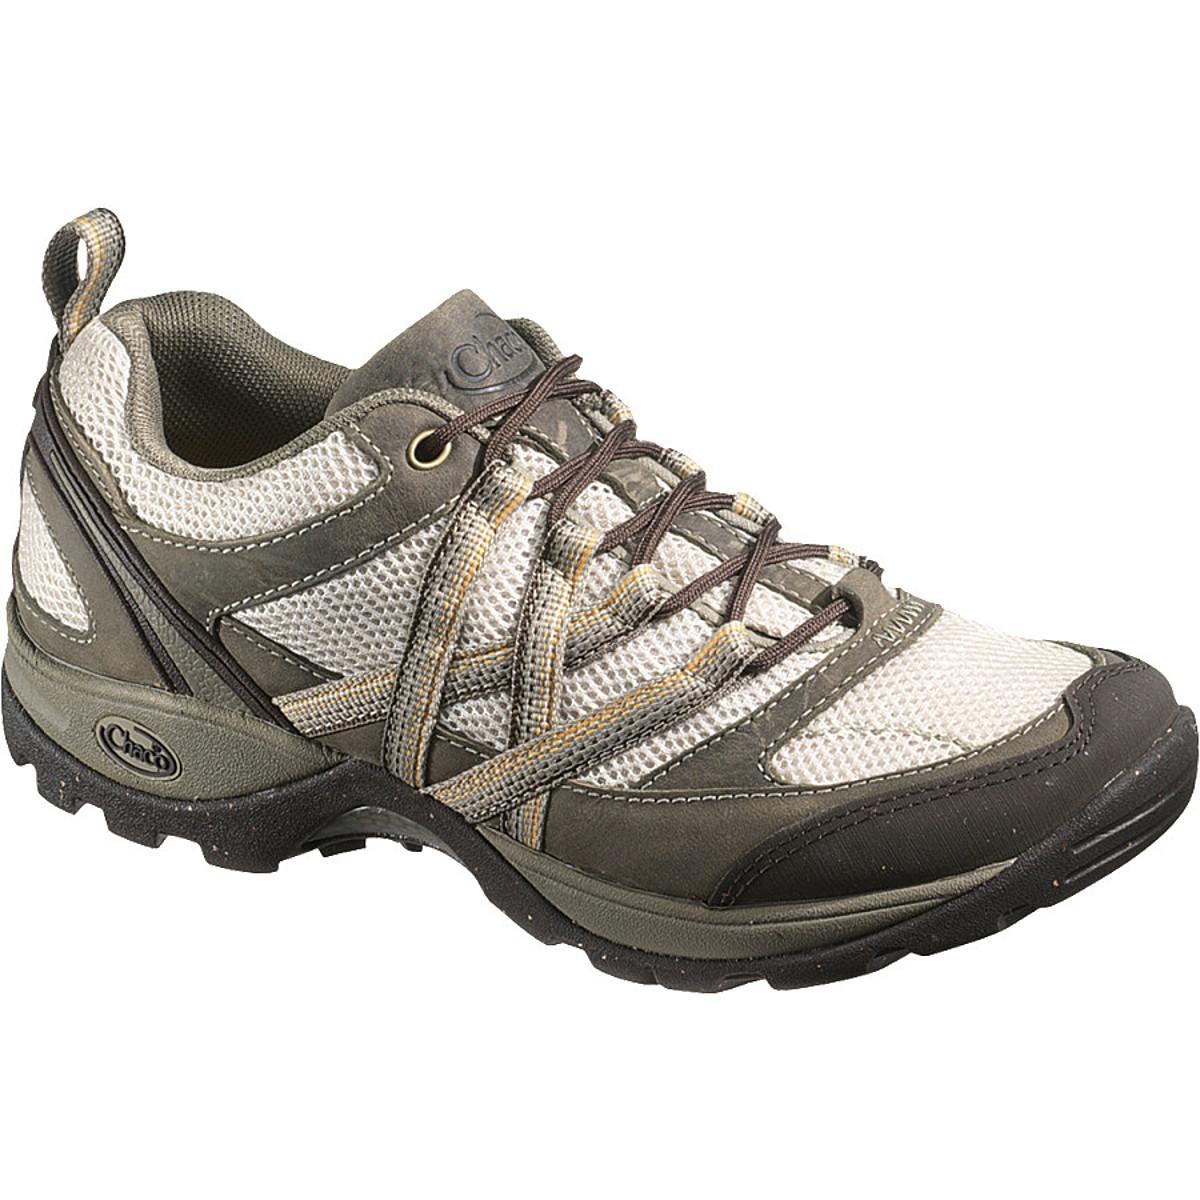 Chaco Zora Shoe